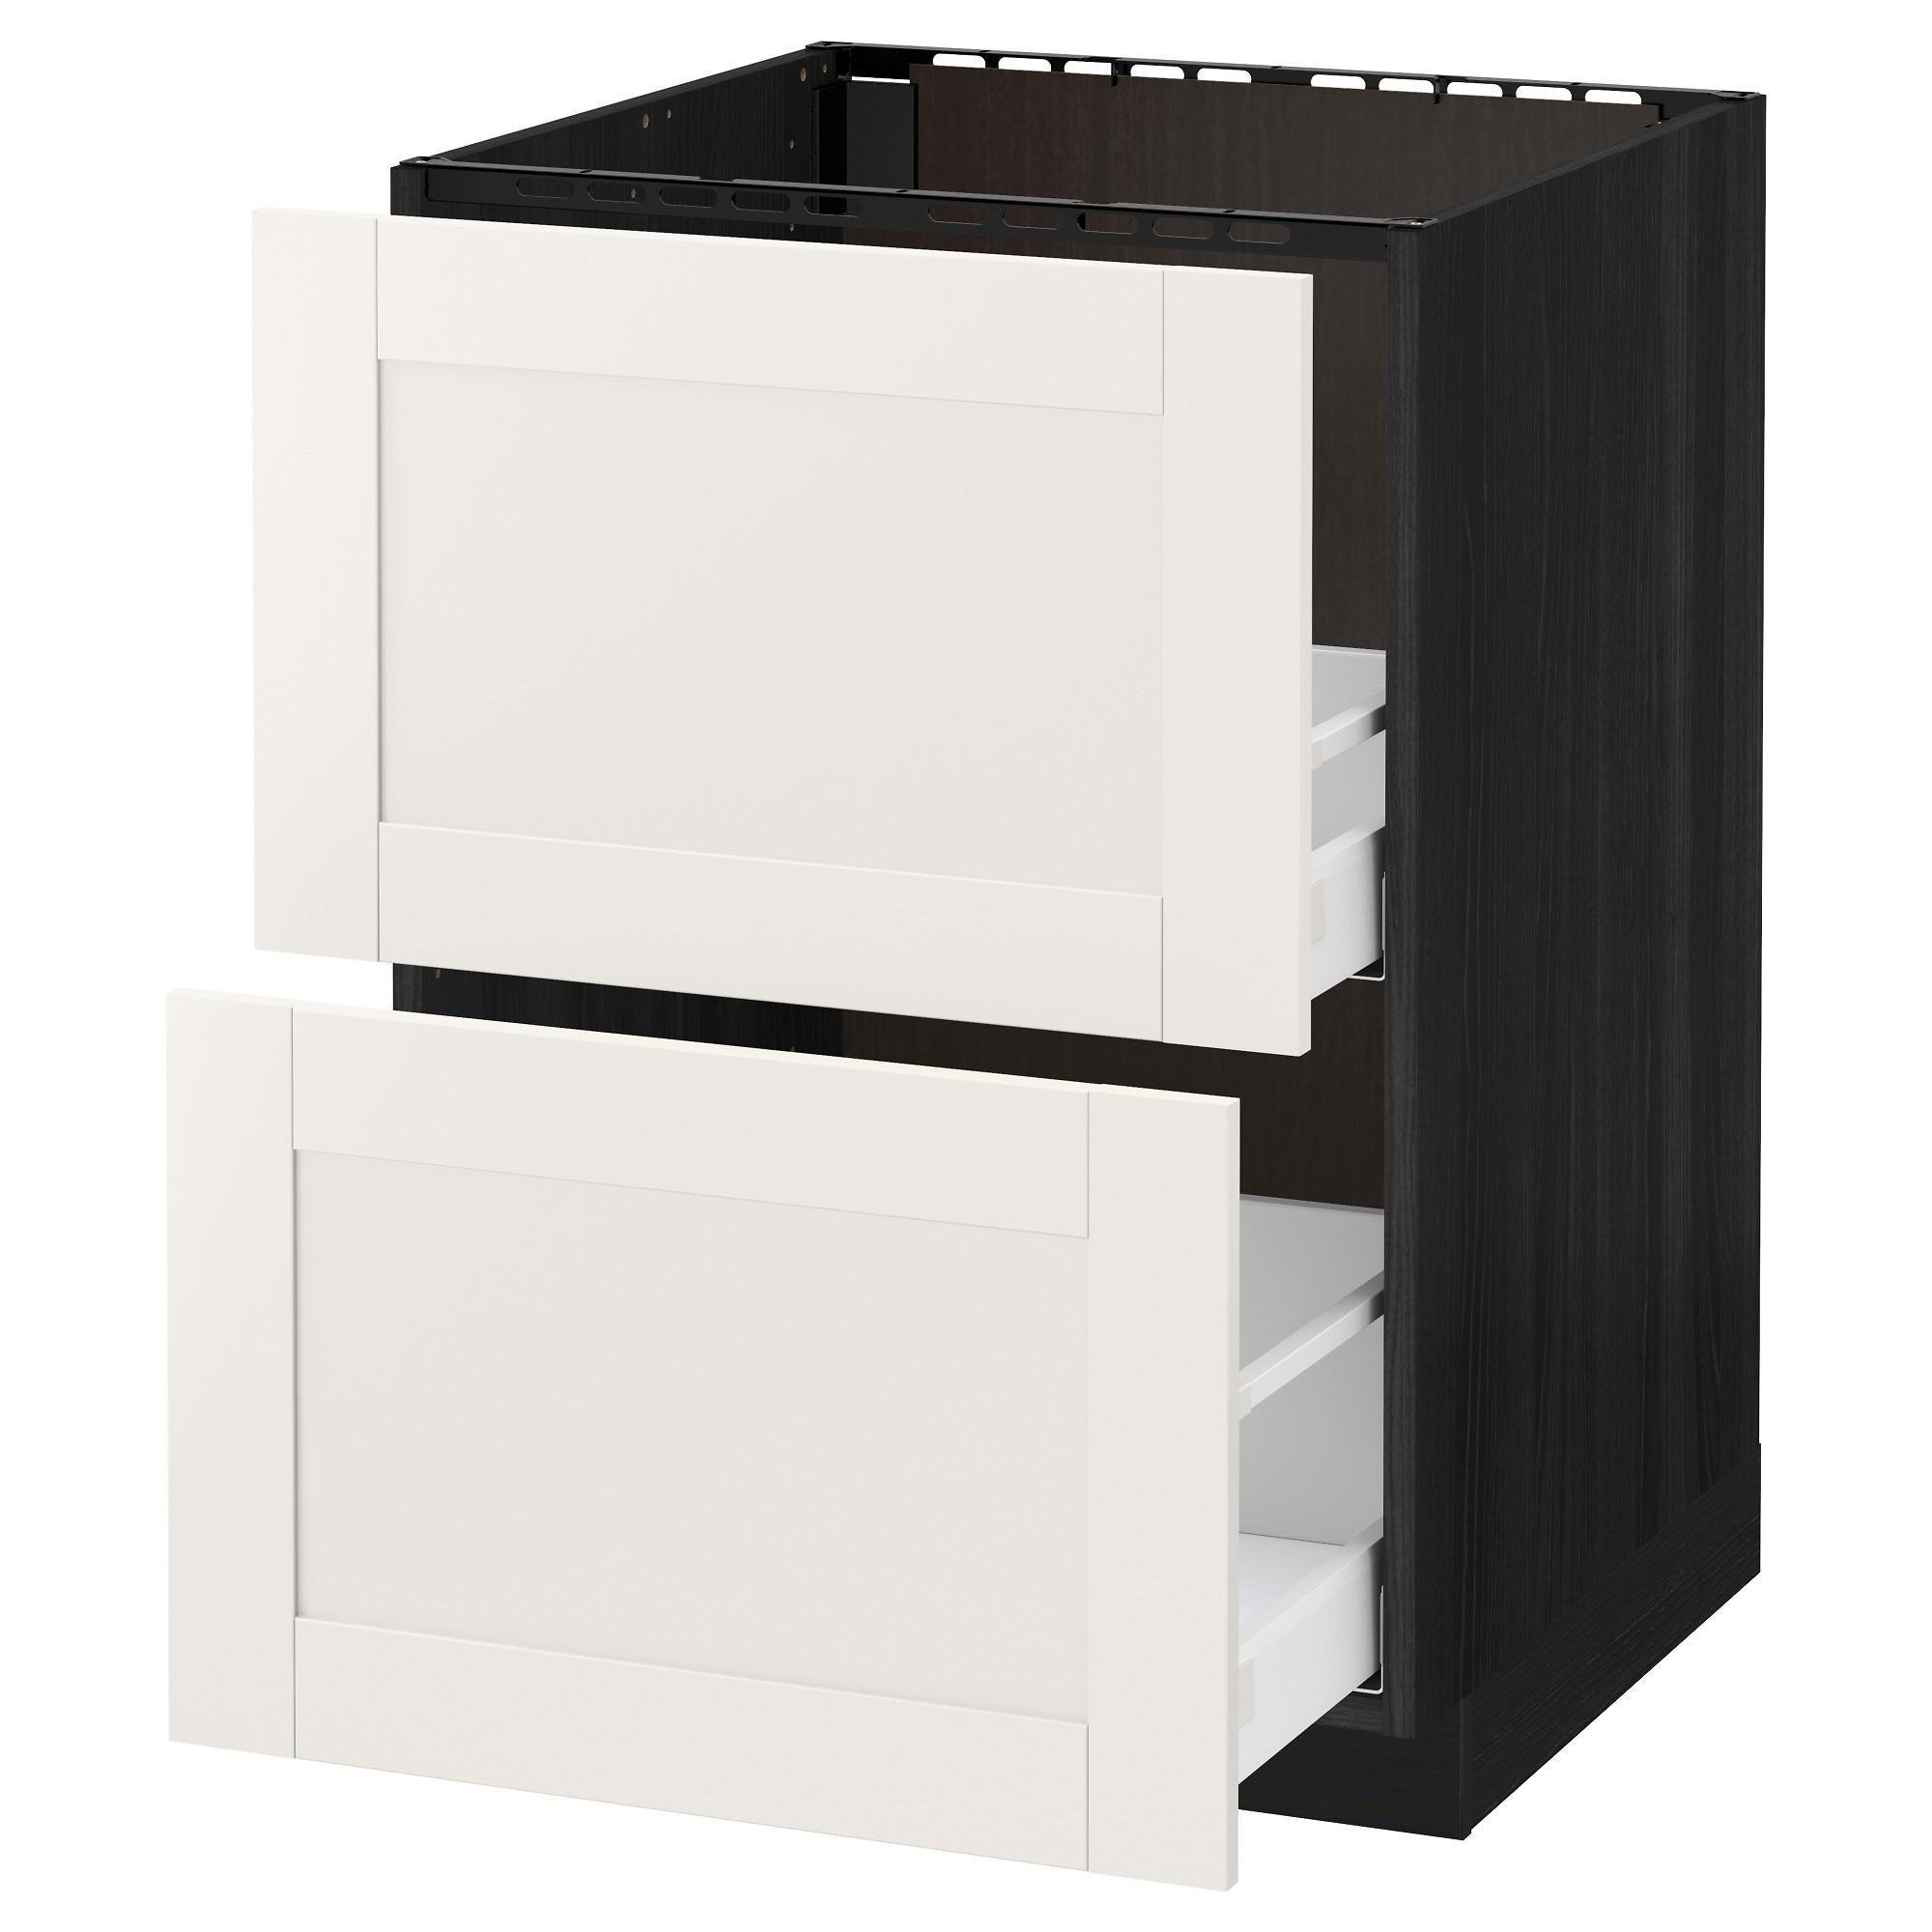 Напольный шкаф под мойку + 2 фронтальных панели, 2 ящика МЕТОД / МАКСИМЕРА черный артикуль № 792.371.94 в наличии. Онлайн сайт IKEA Минск. Быстрая доставка и установка.